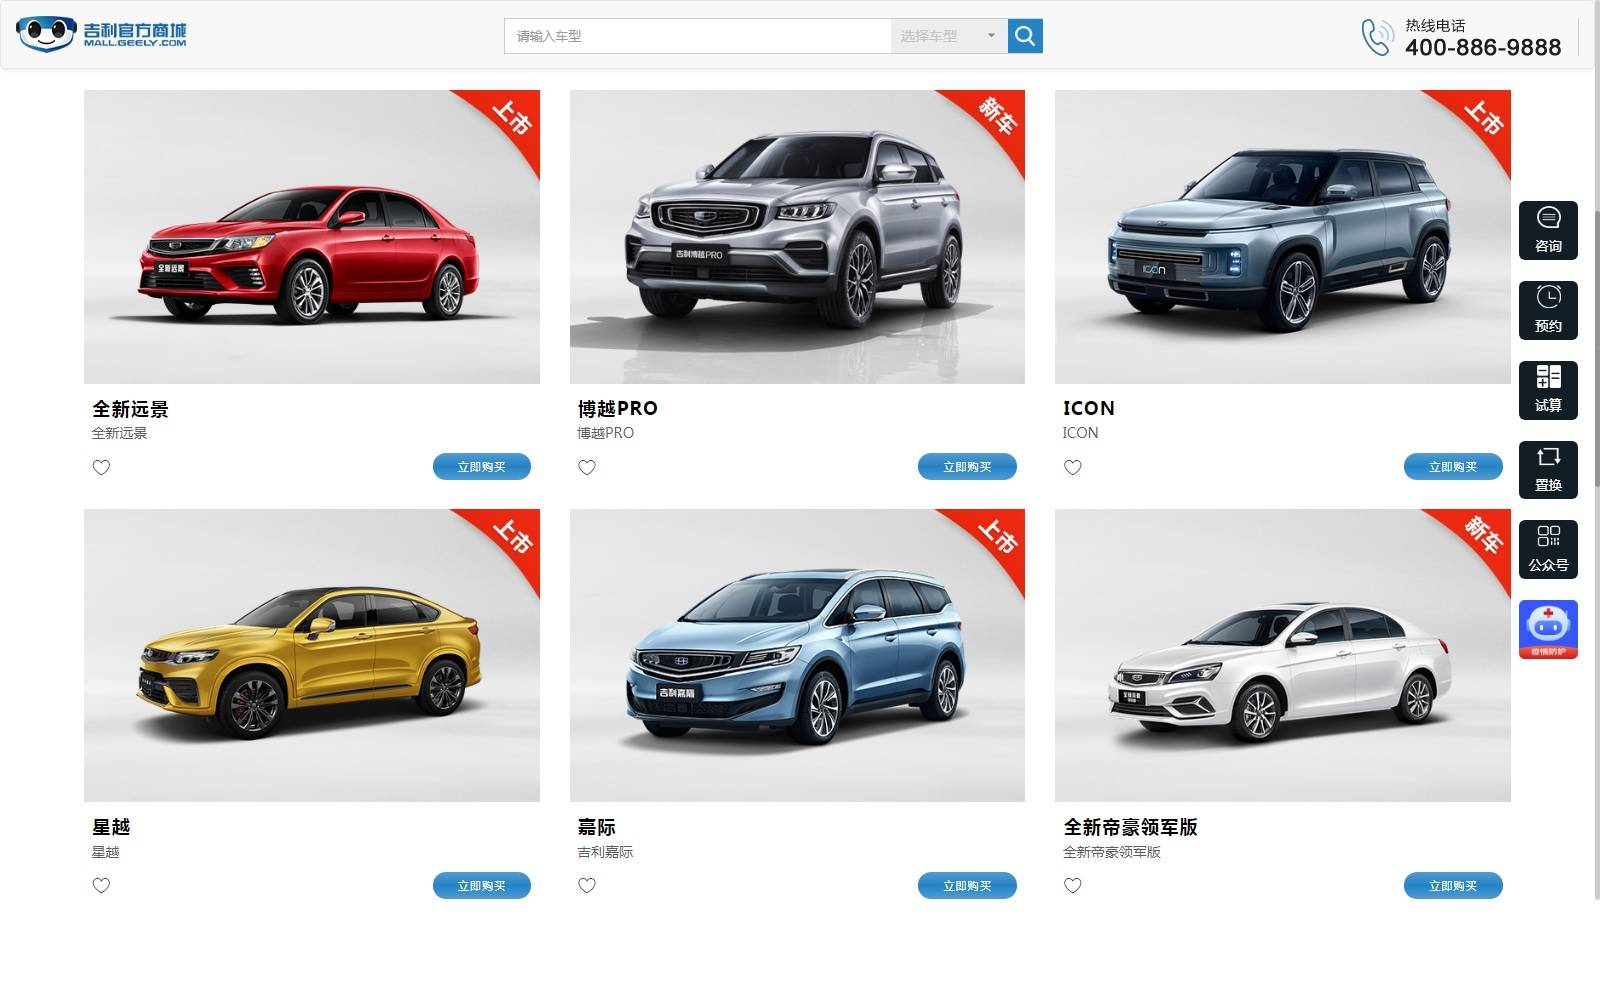 В Китае стартовали продажи стильного кроссовера Geely Icon